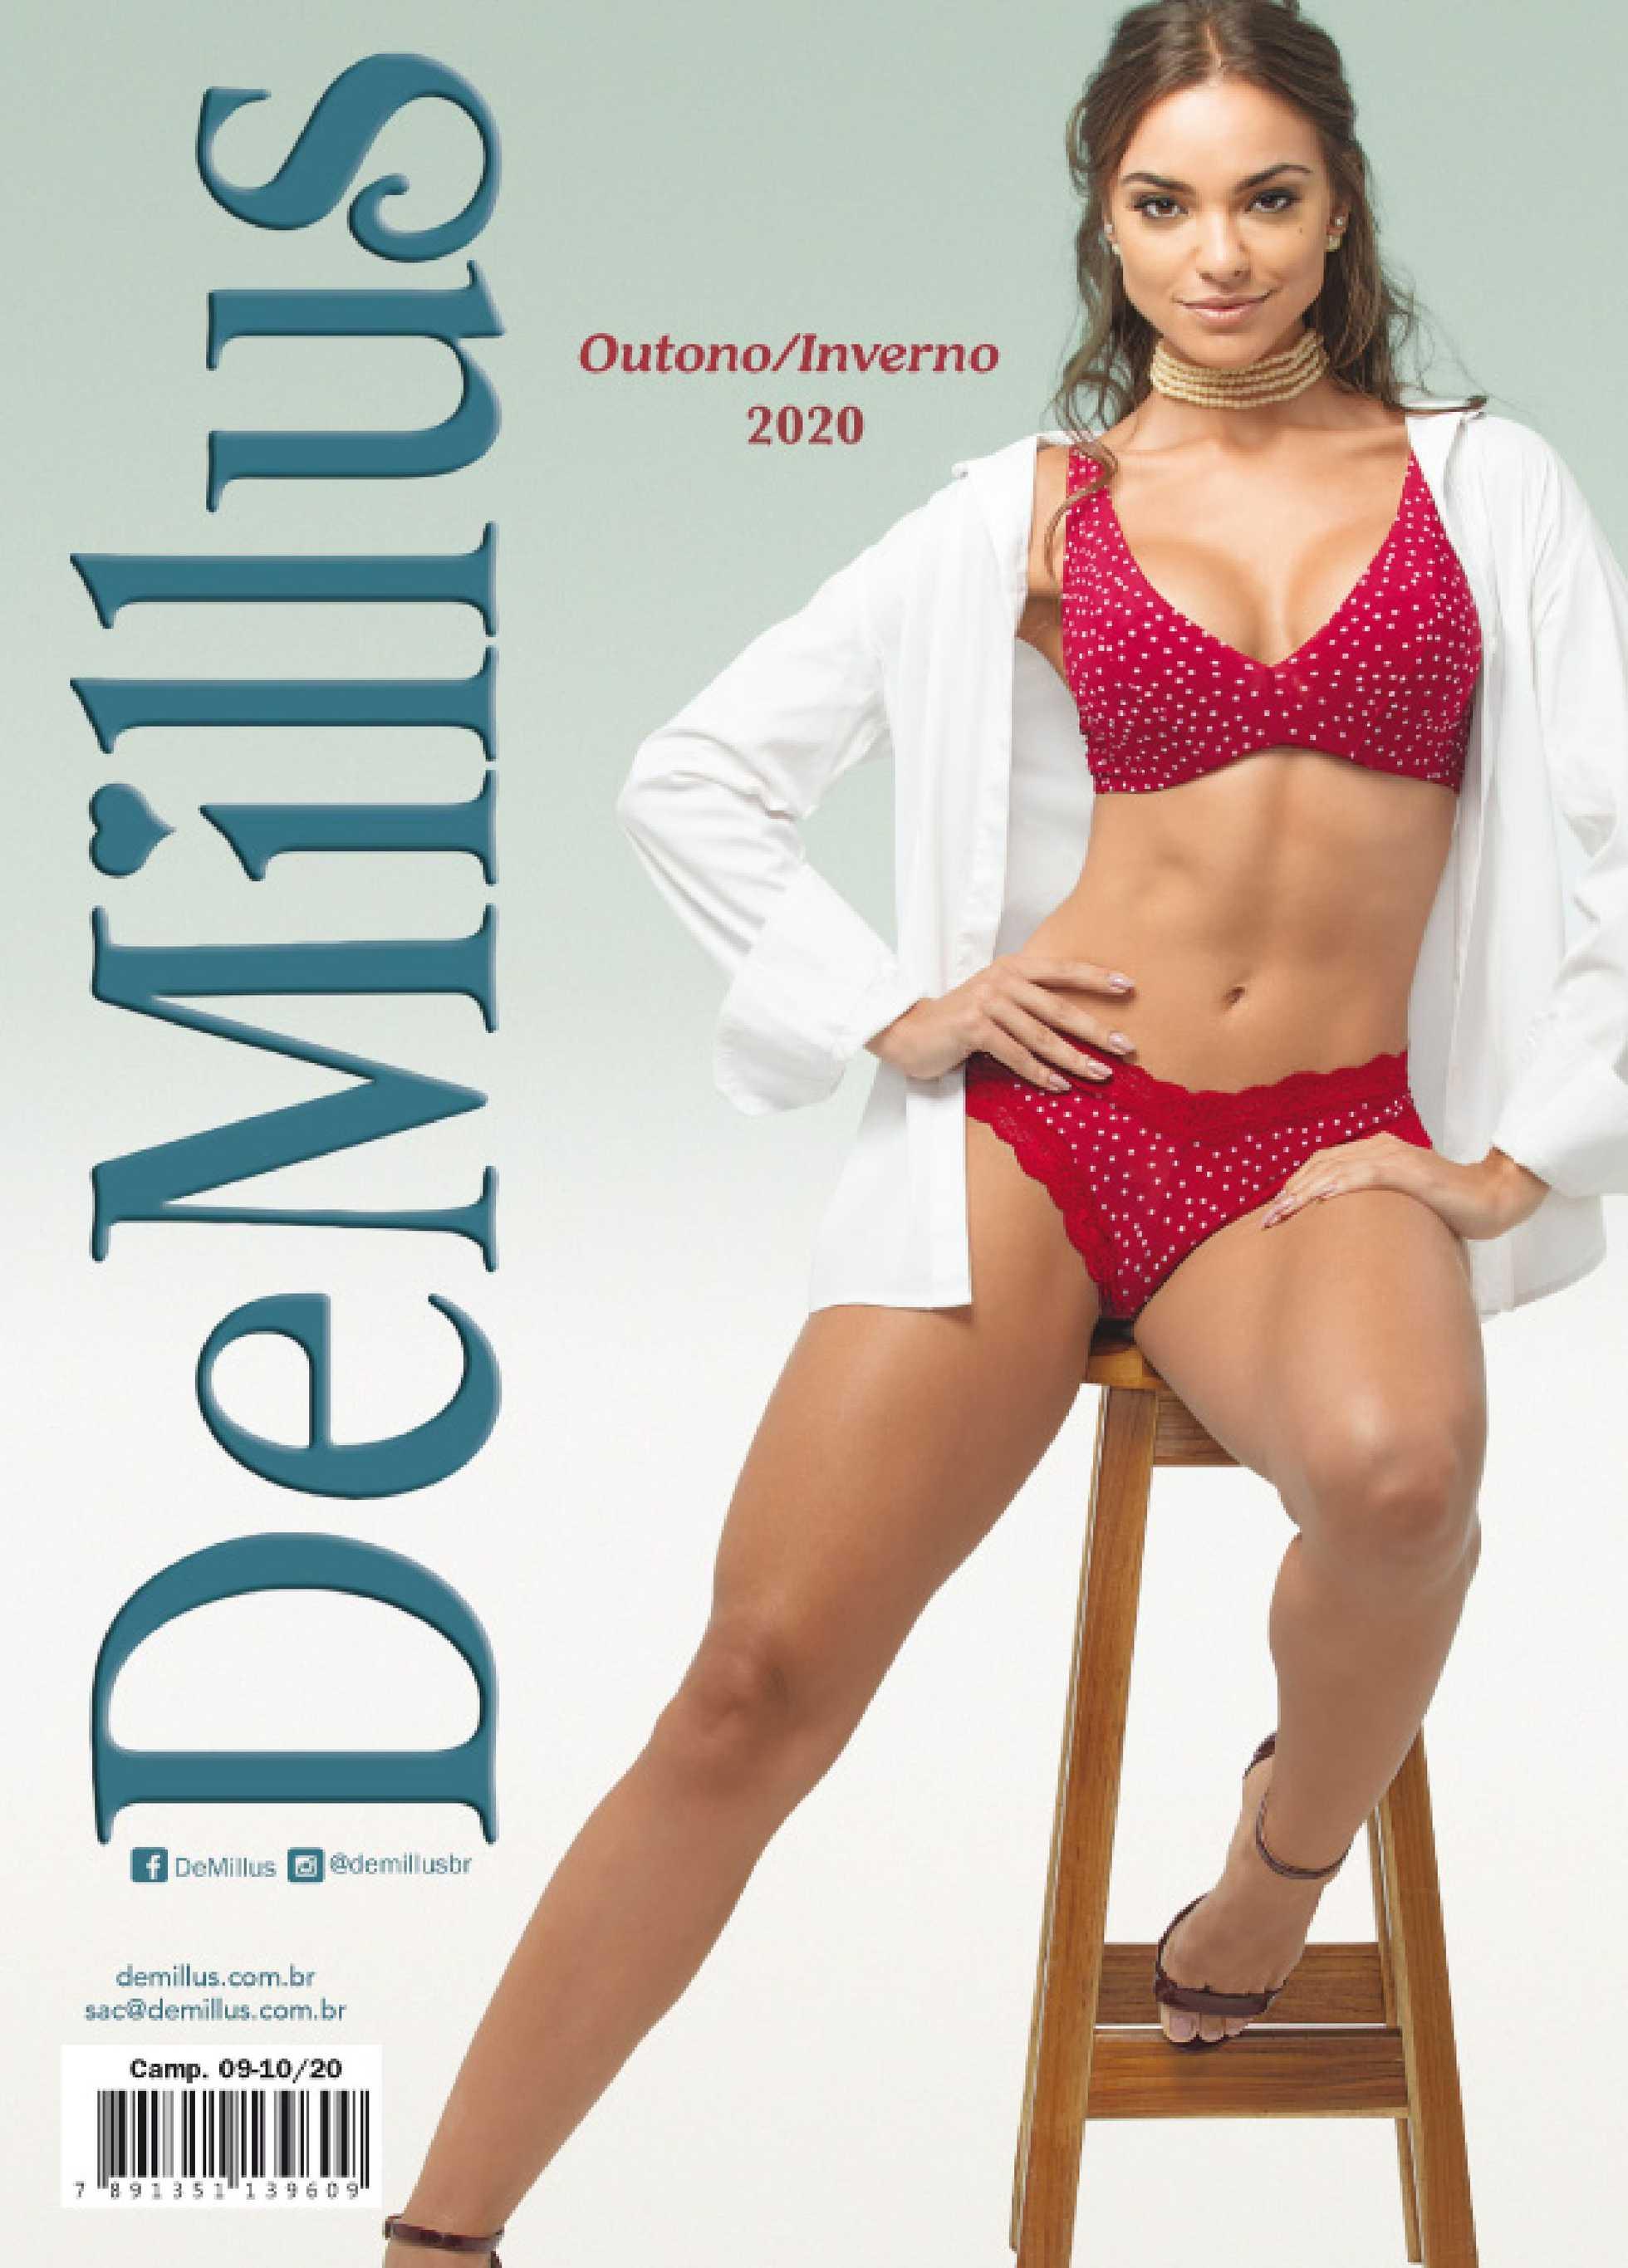 DeMillus - encarte válido de 01.04.2020 até 31.08.2020 - página 1.